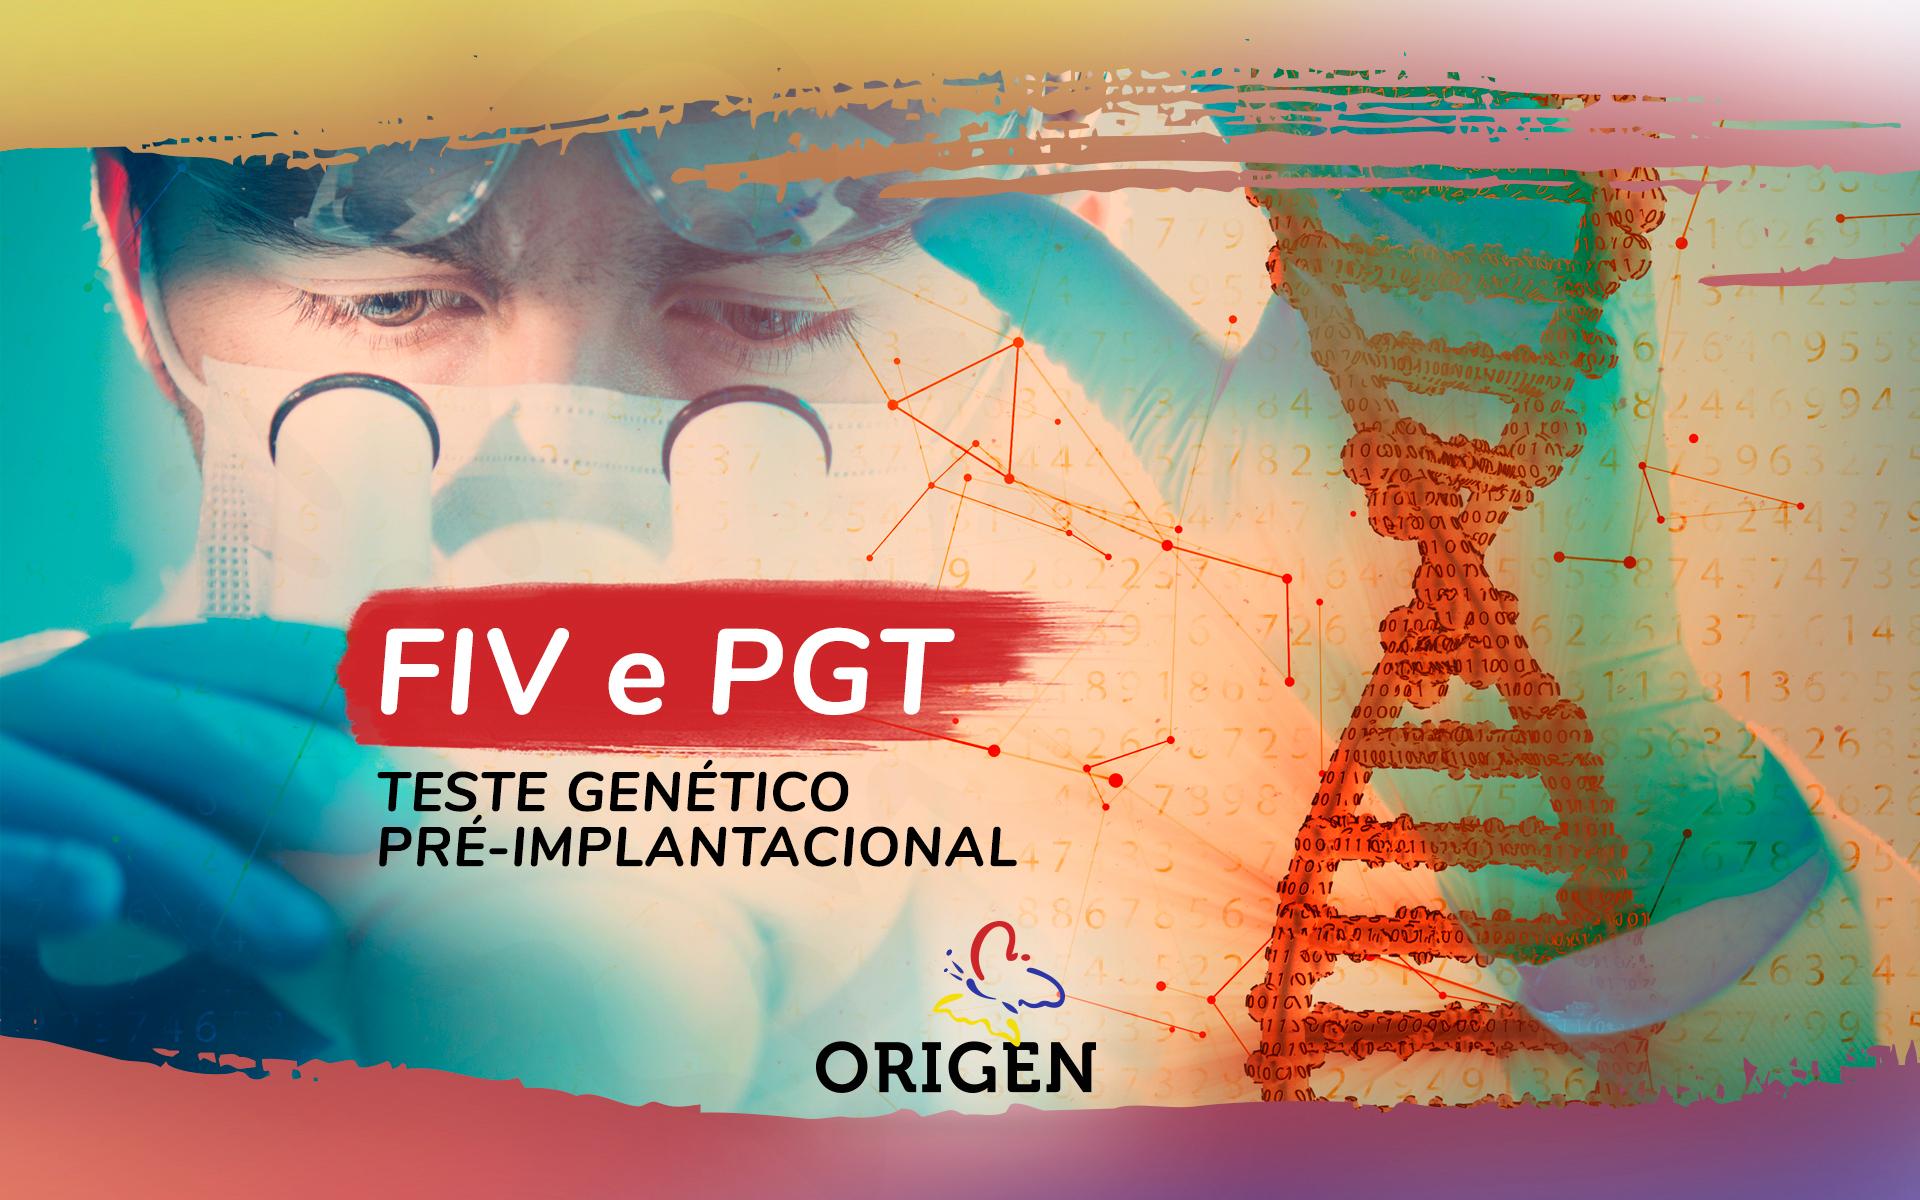 FIV e PGT (teste genético pré-implantacional)